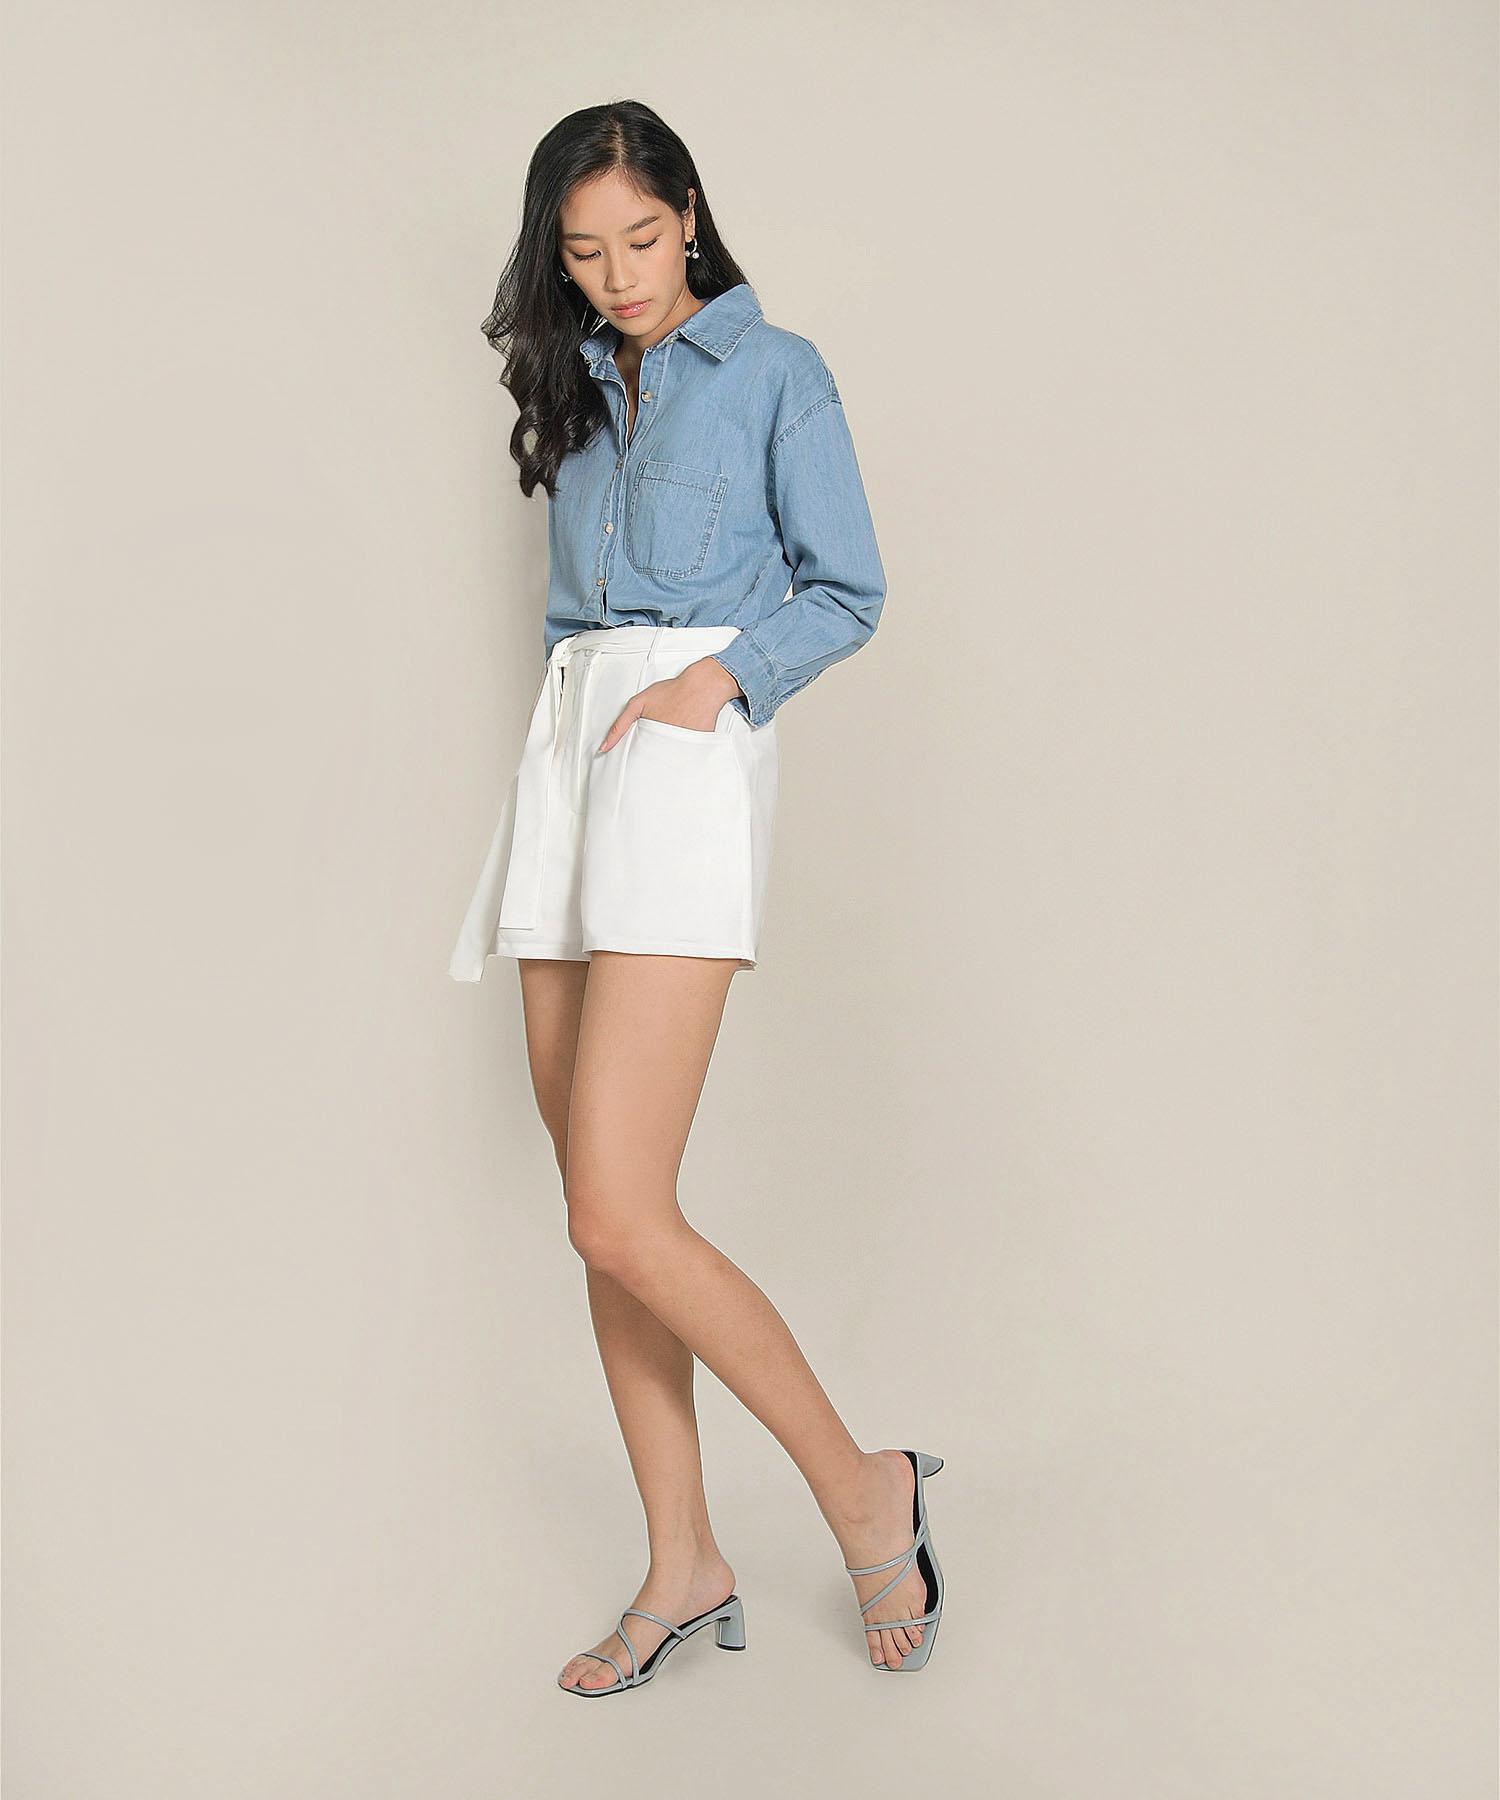 kissinger-denim-shirt-blue-1